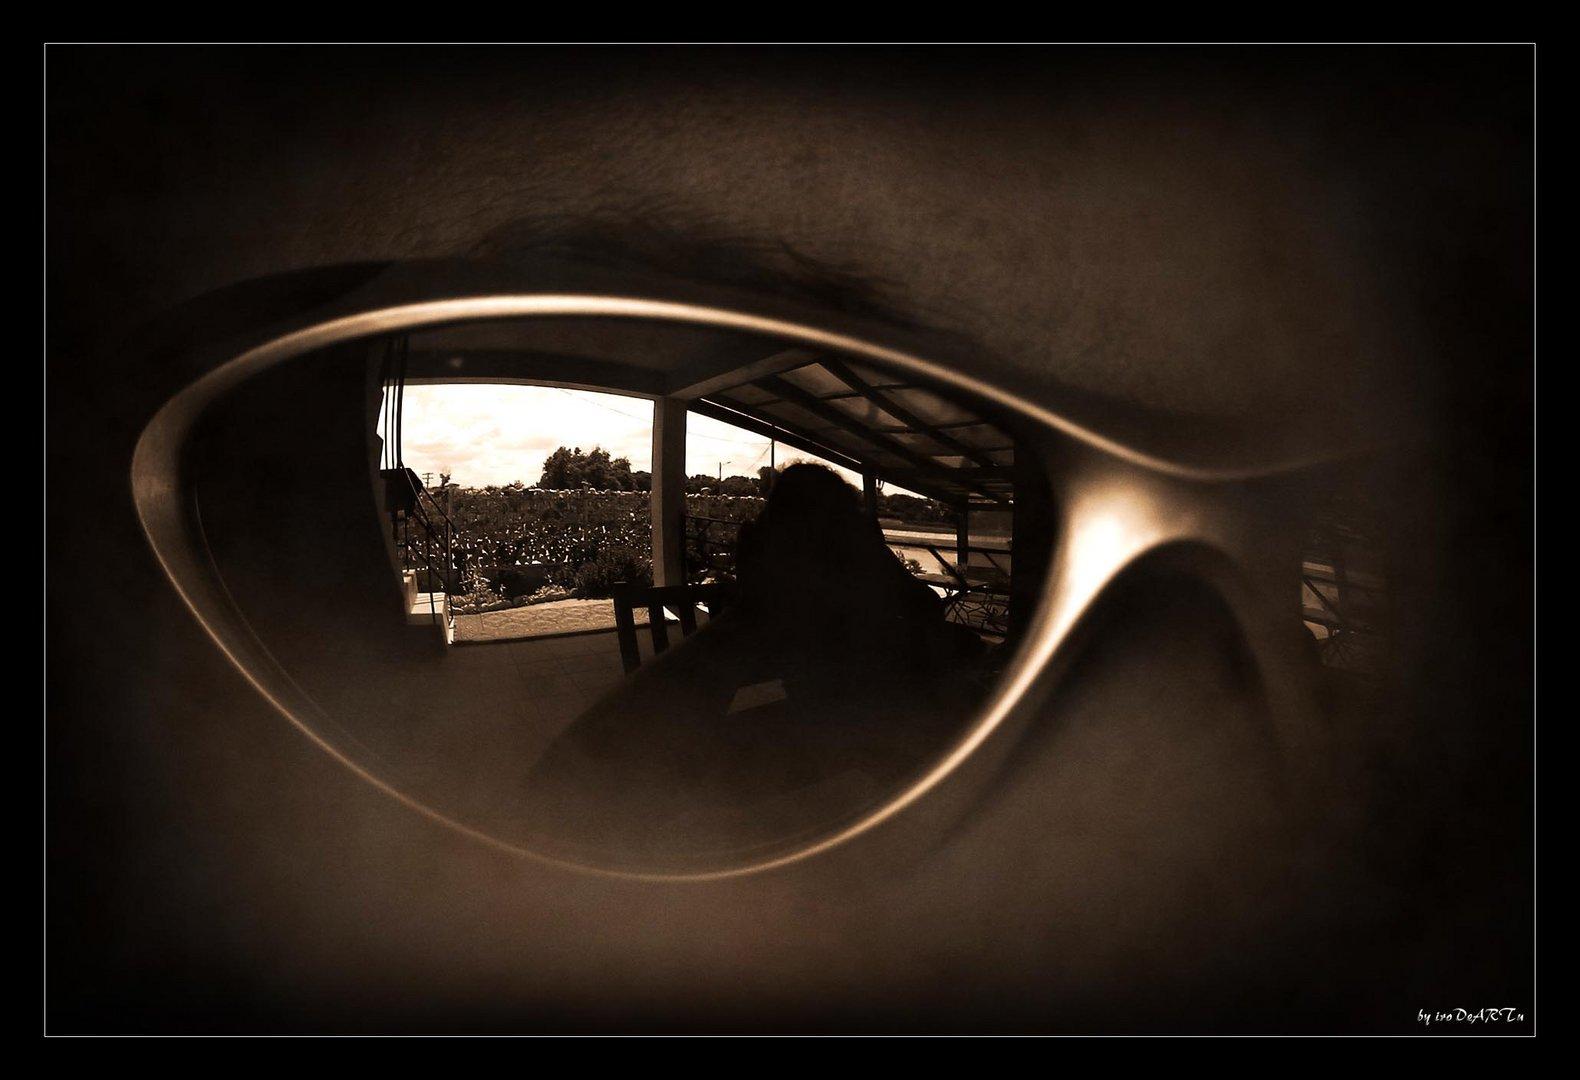 eye of shiva